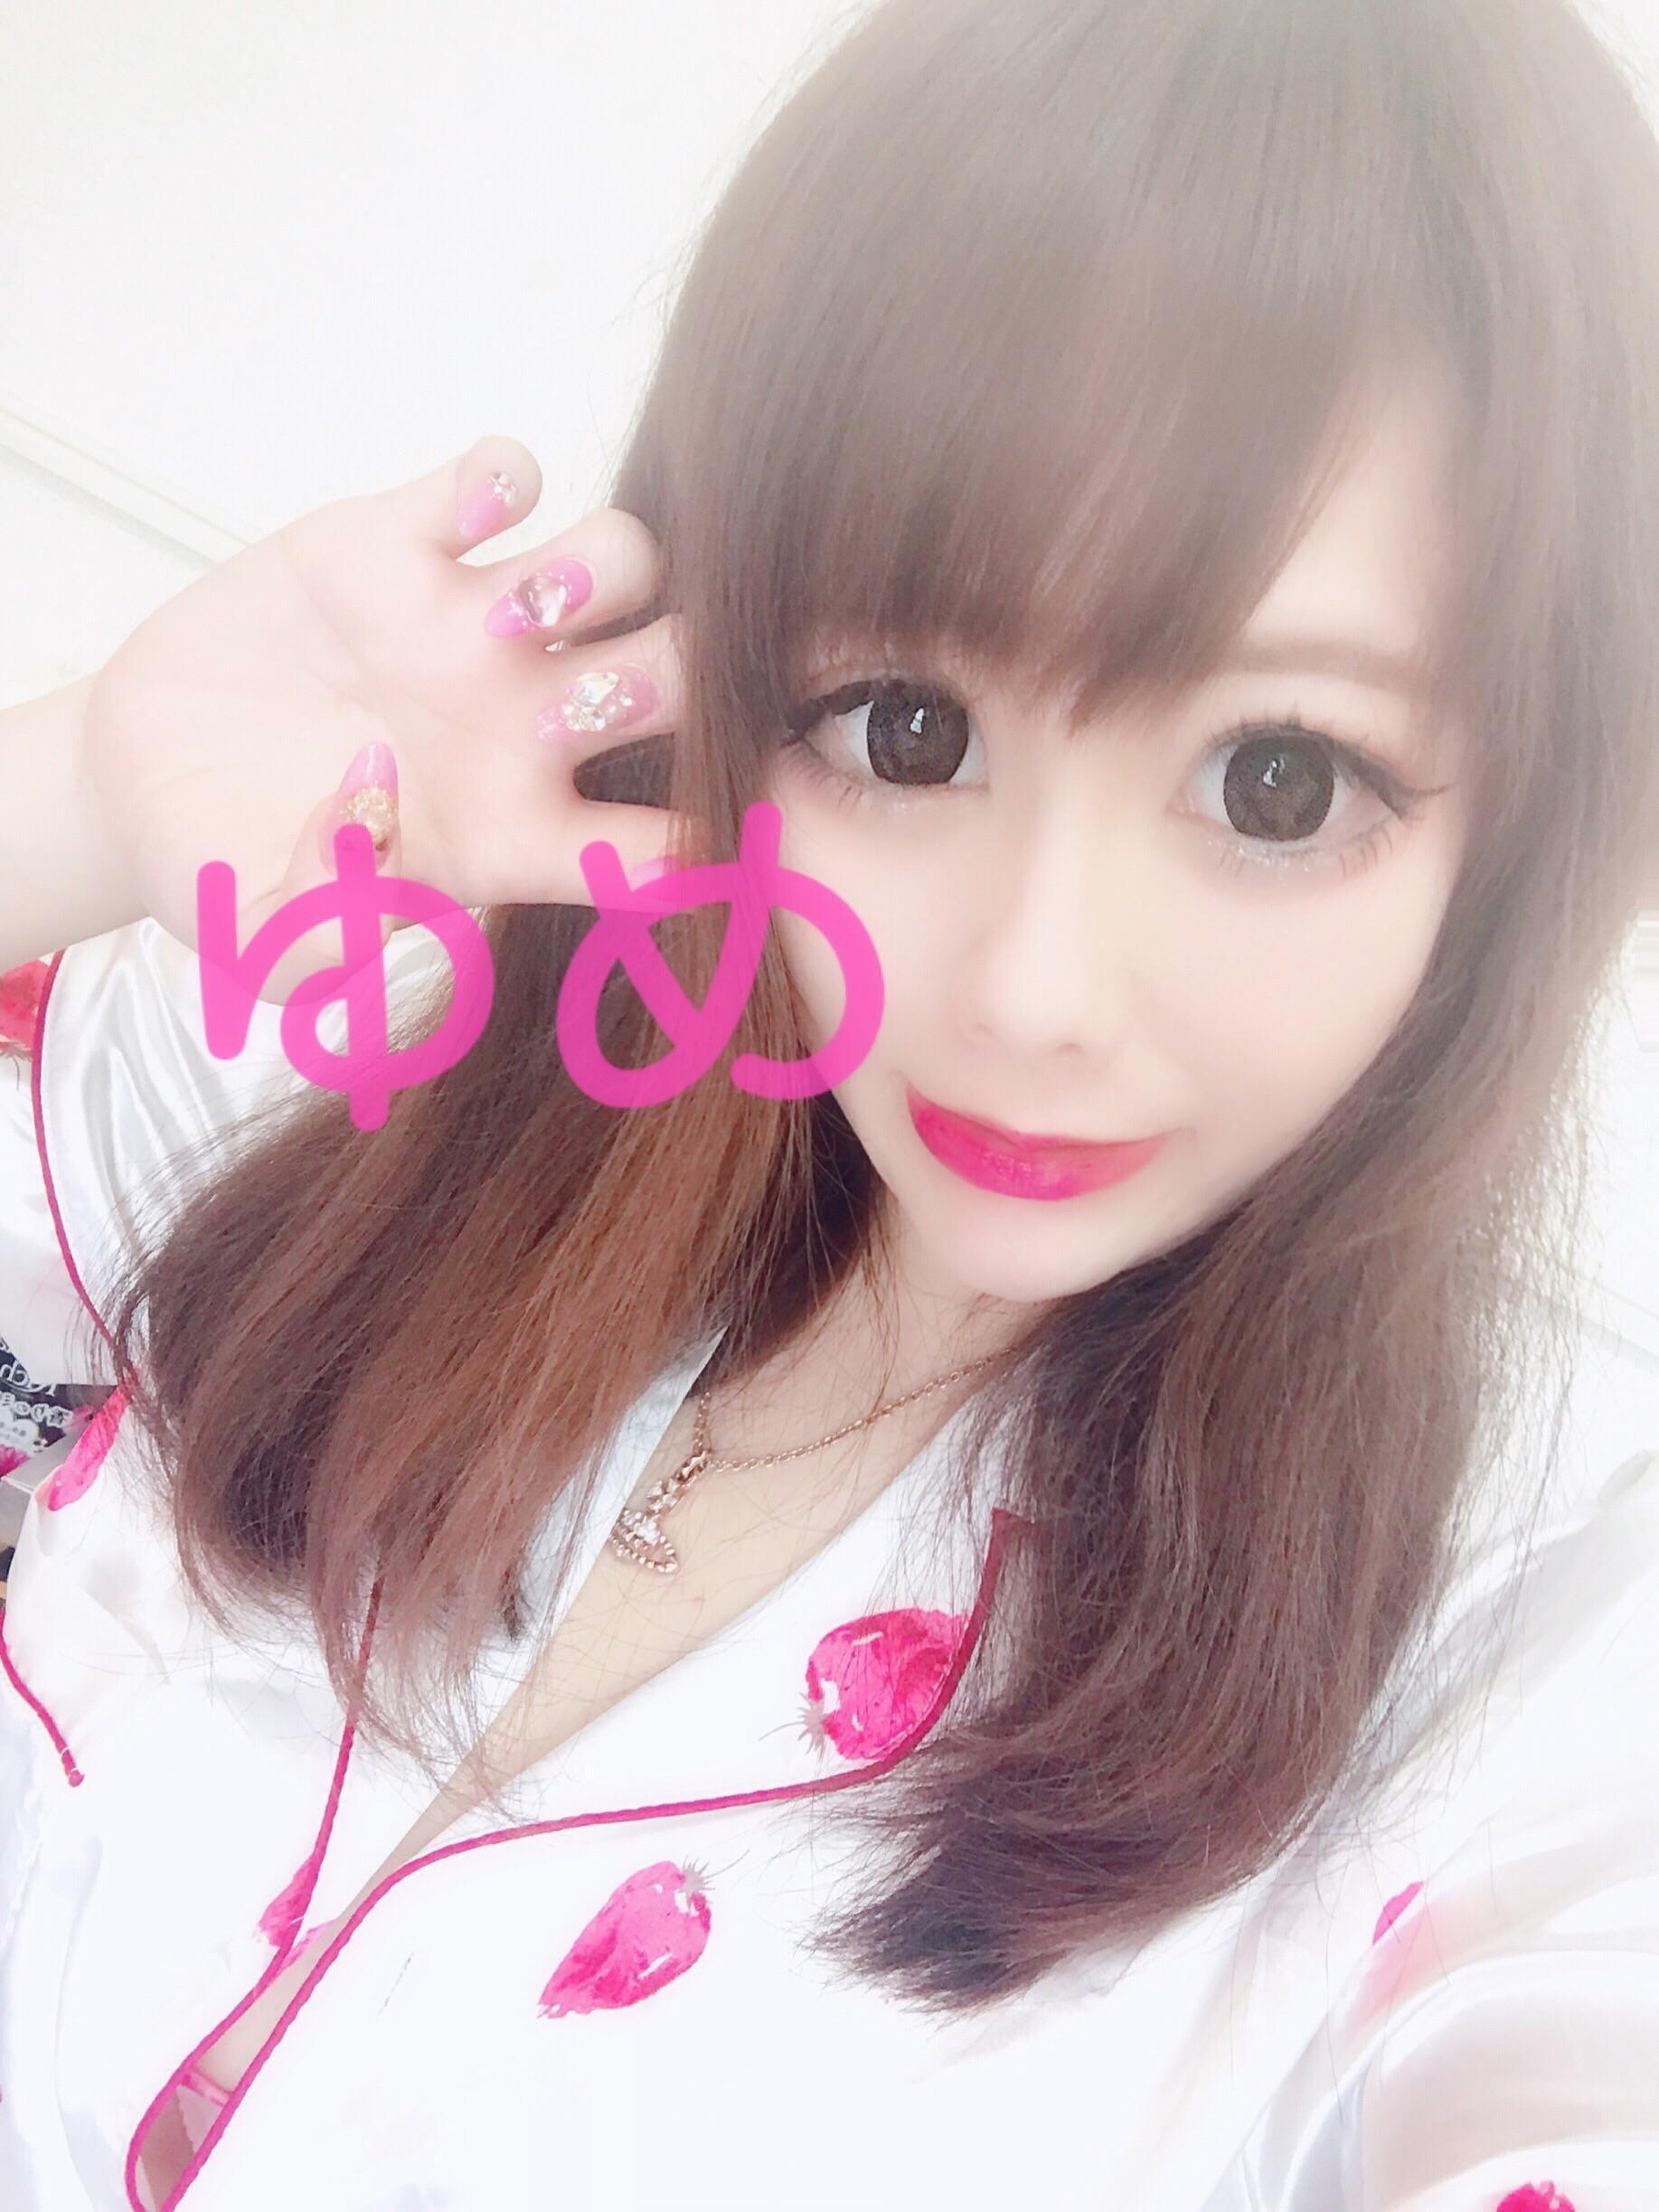 ゆめ「* (y^ω^y)」09/23(日) 00:16 | ゆめの写メ・風俗動画